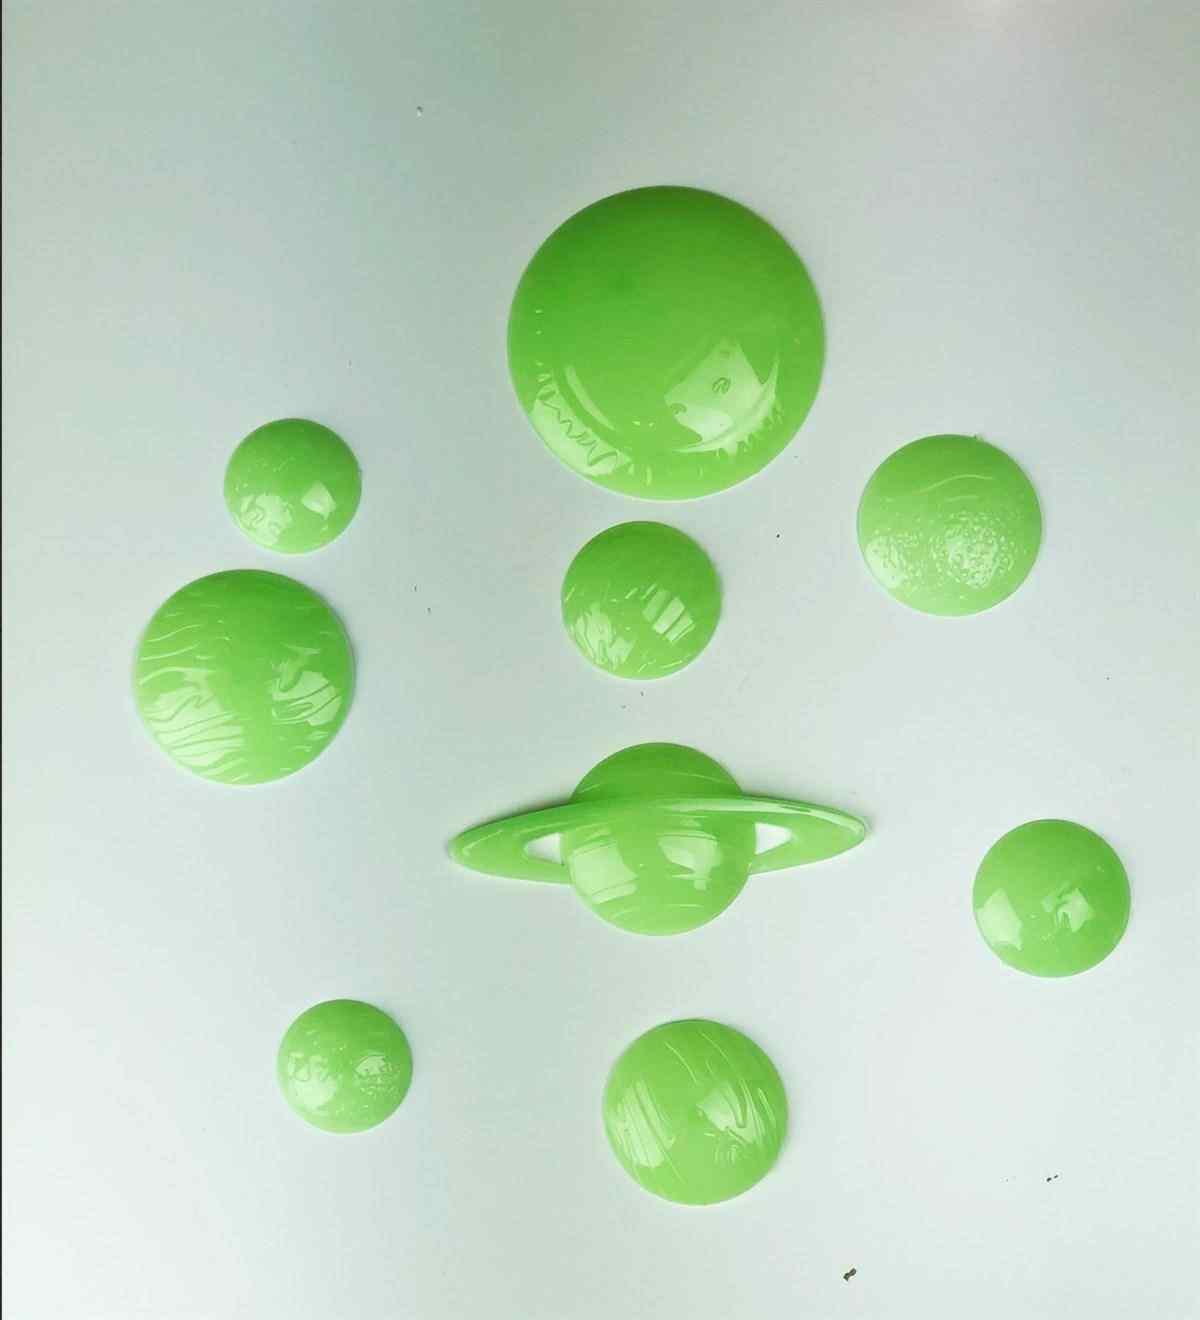 Fosforlu Yeşil Gezegenler